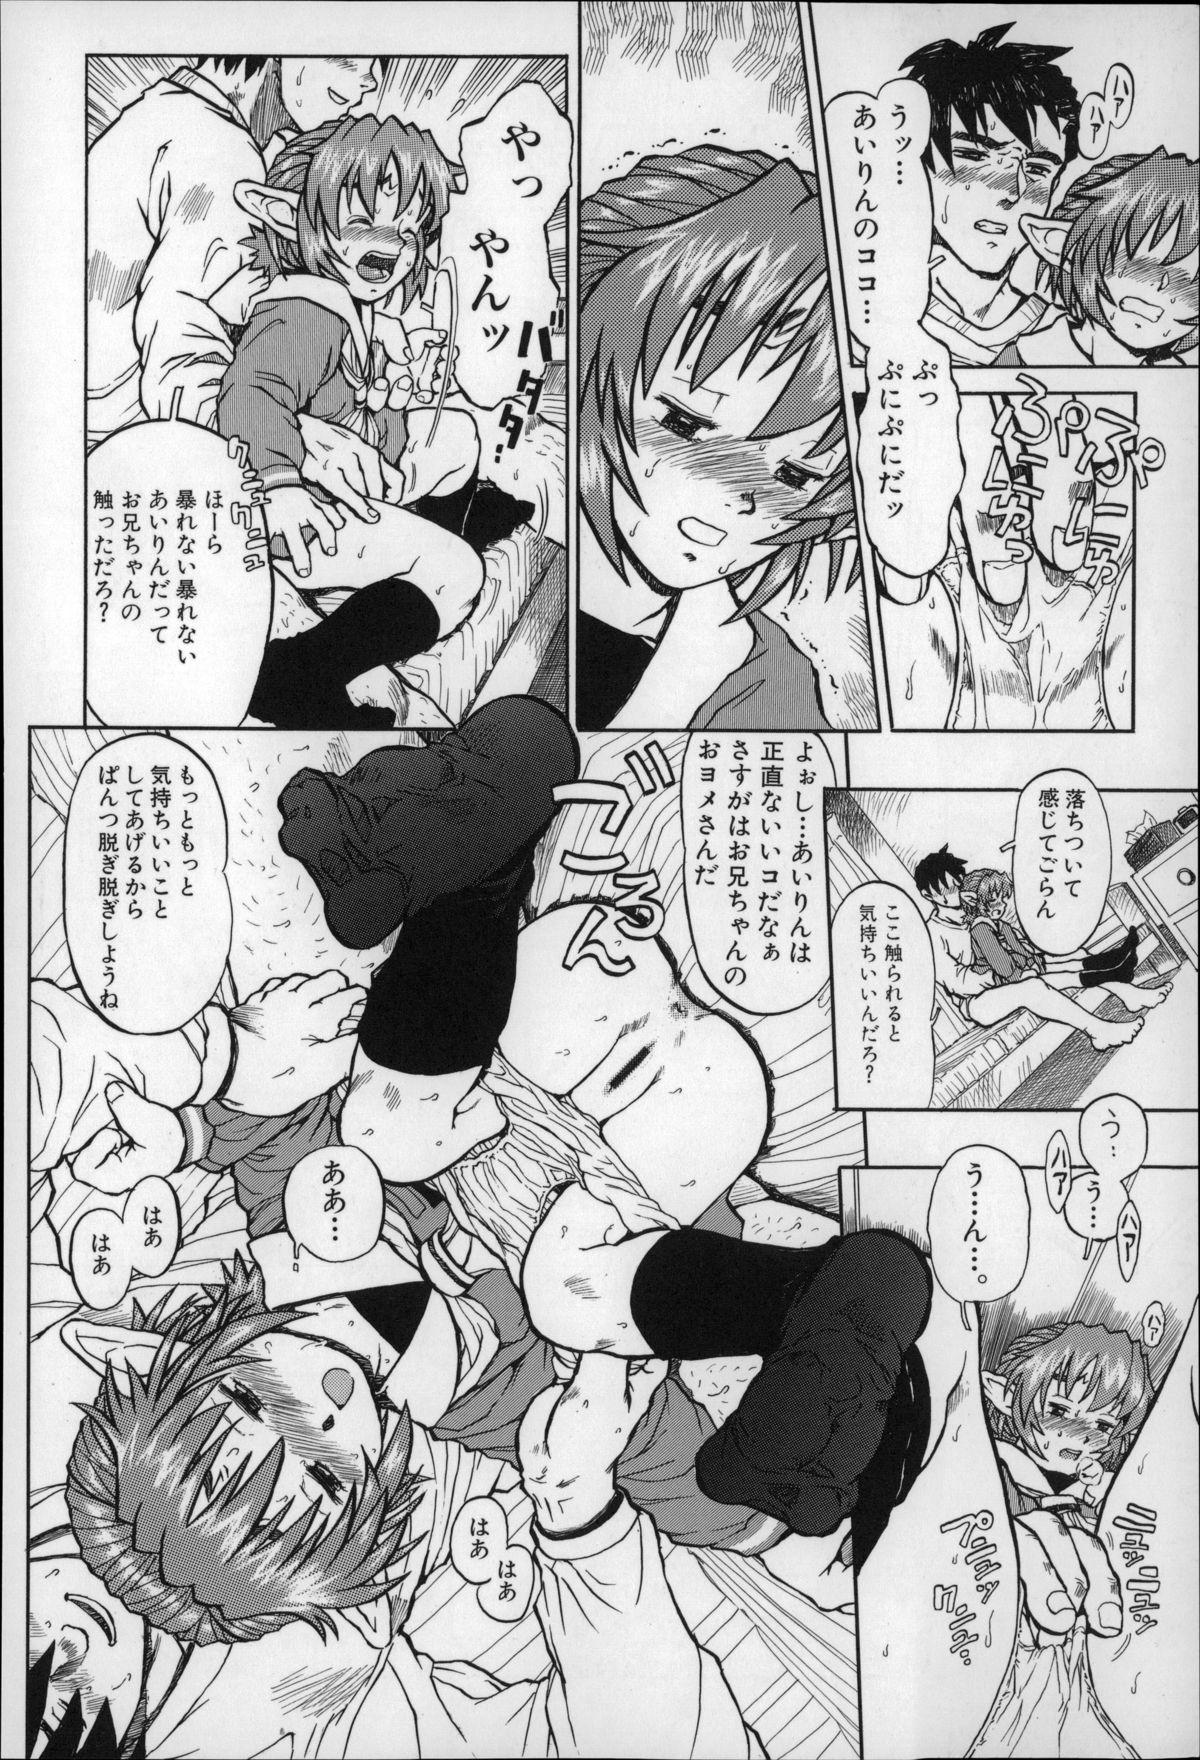 Otona wa Minaide! 92